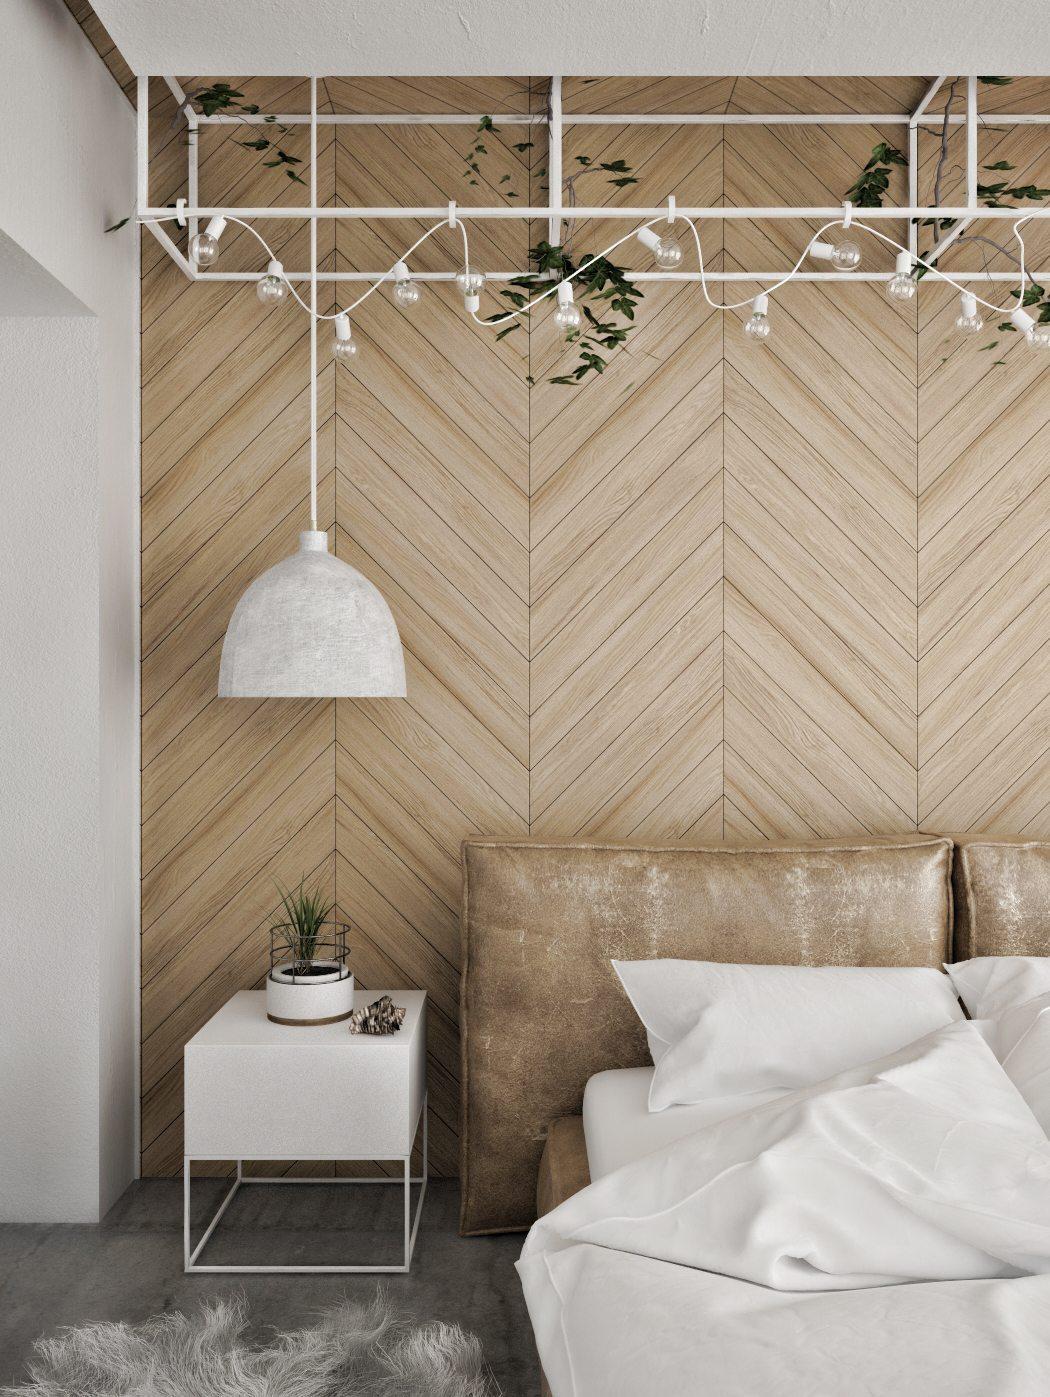 Slaapkamer met een betonvloer en een visgraat muur | Inrichting-huis.com